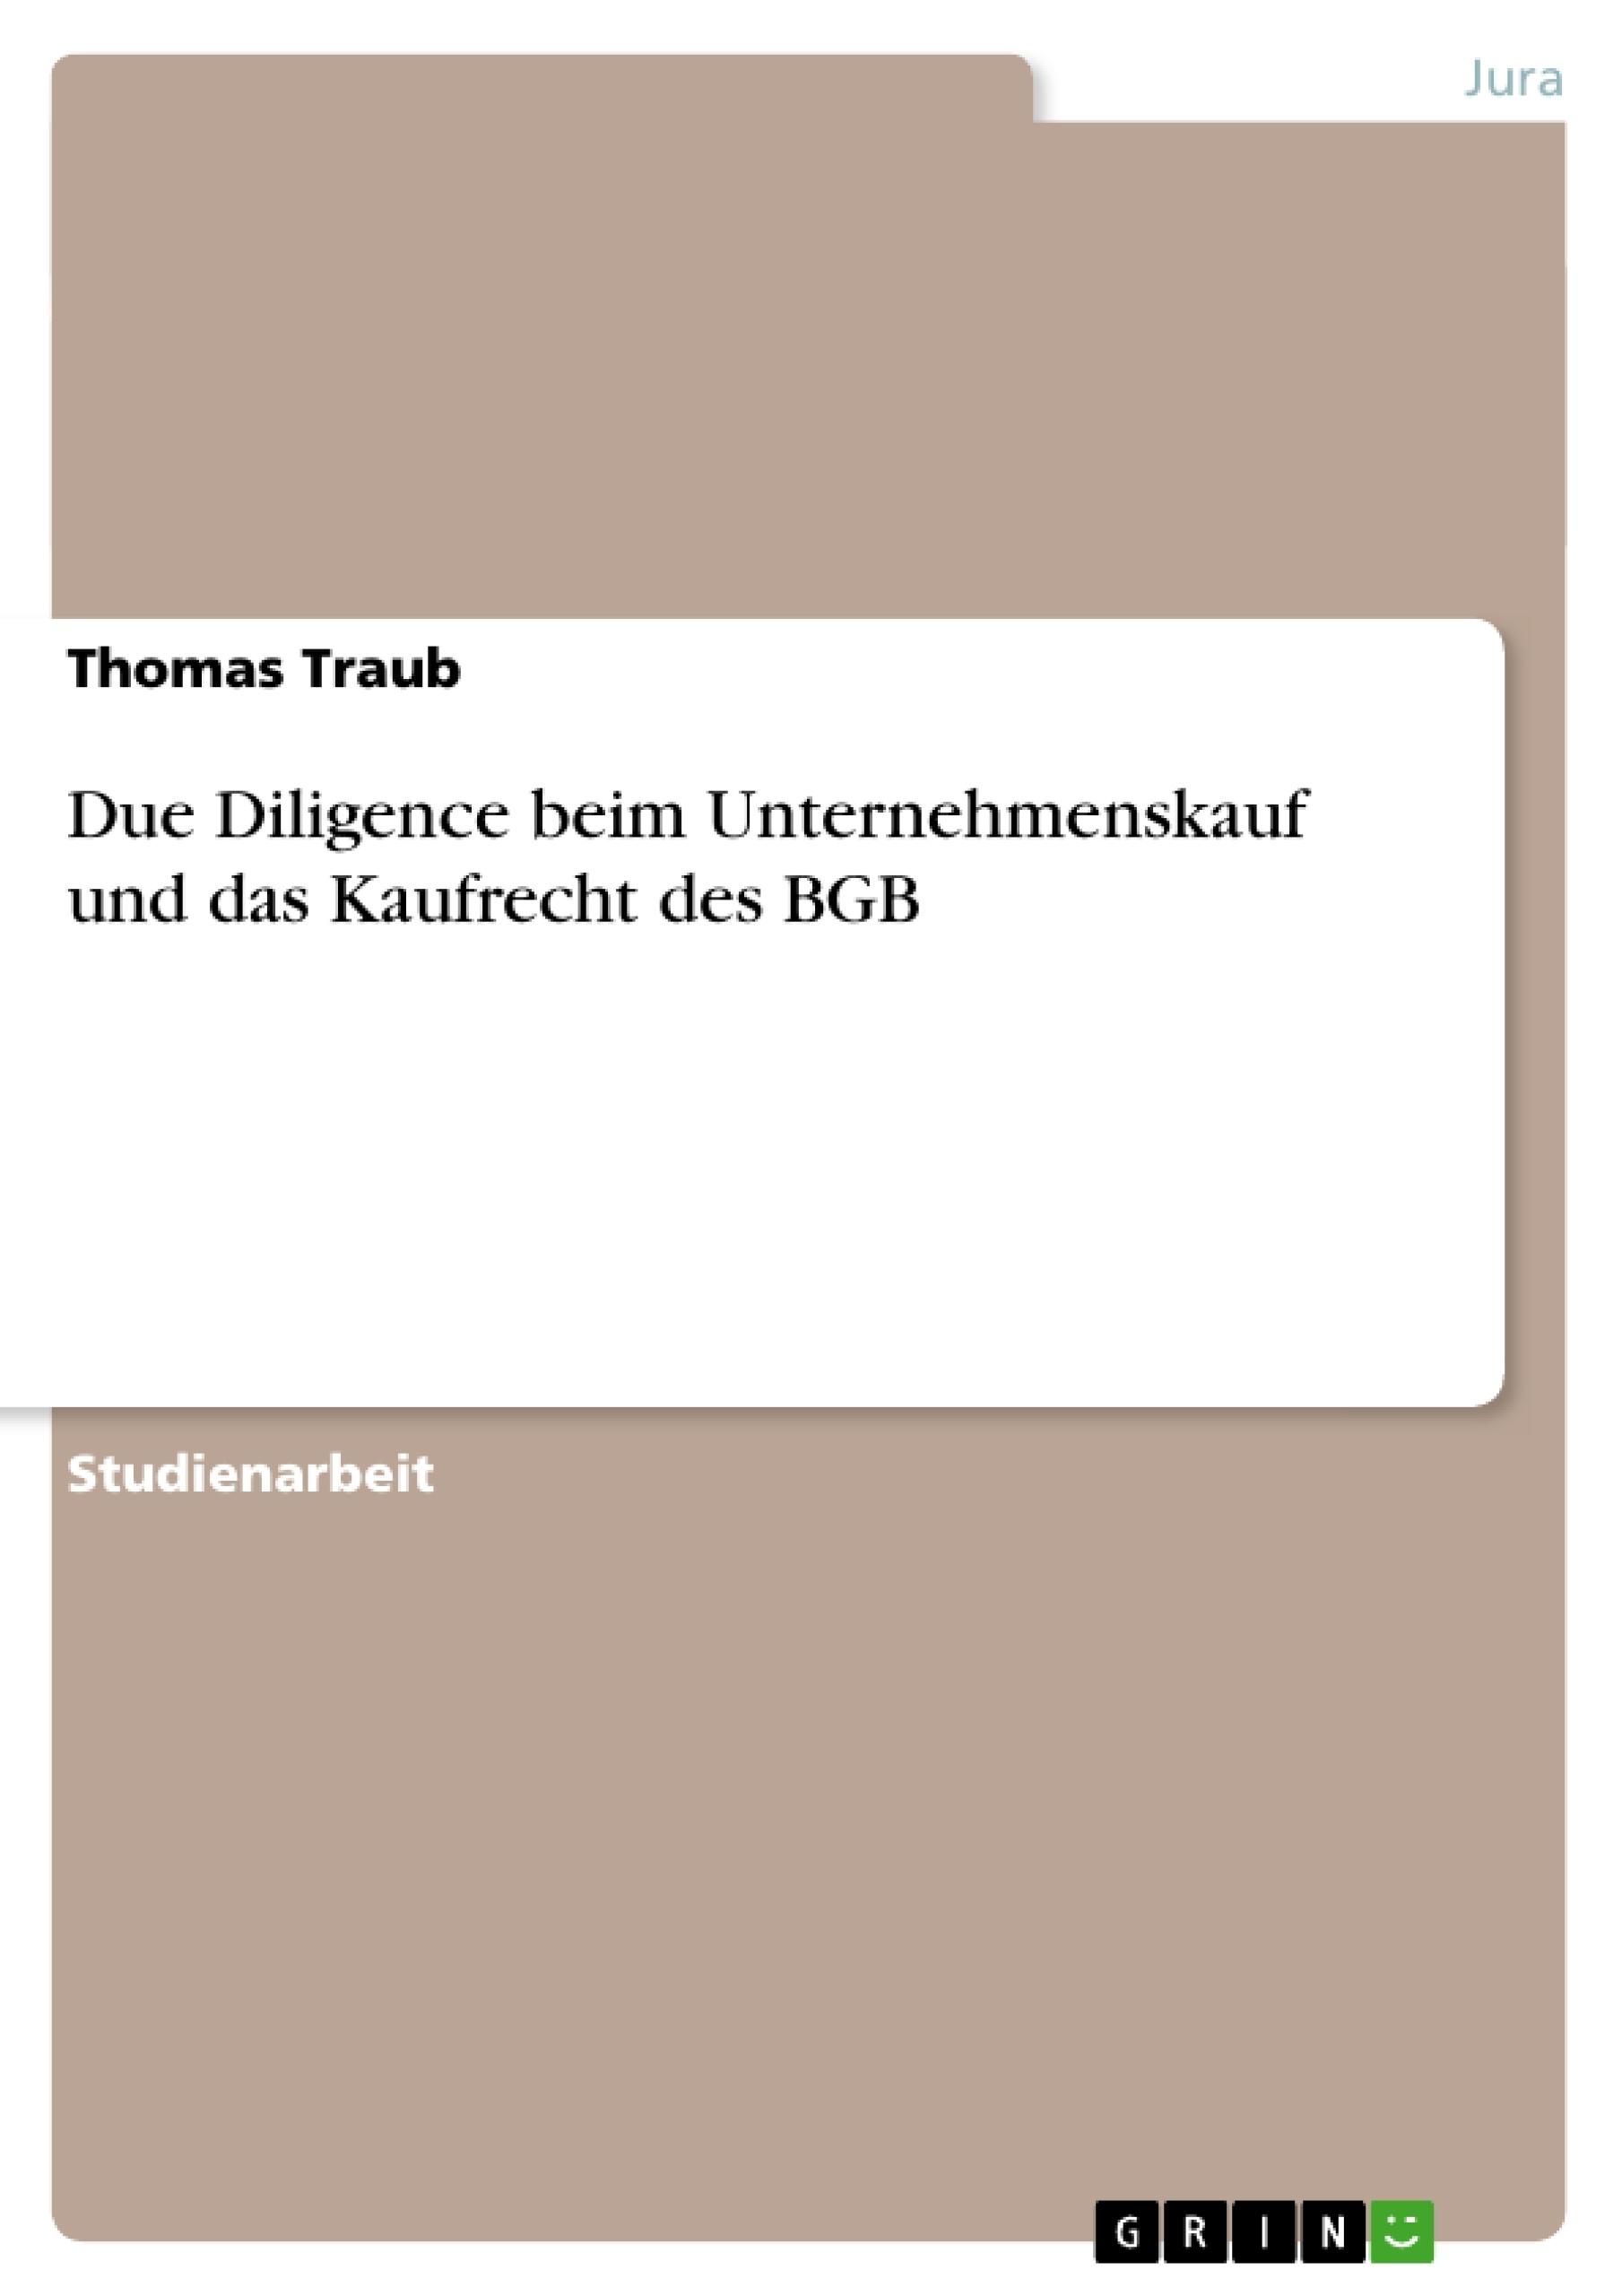 Titel: Due Diligence beim Unternehmenskauf und das Kaufrecht des BGB